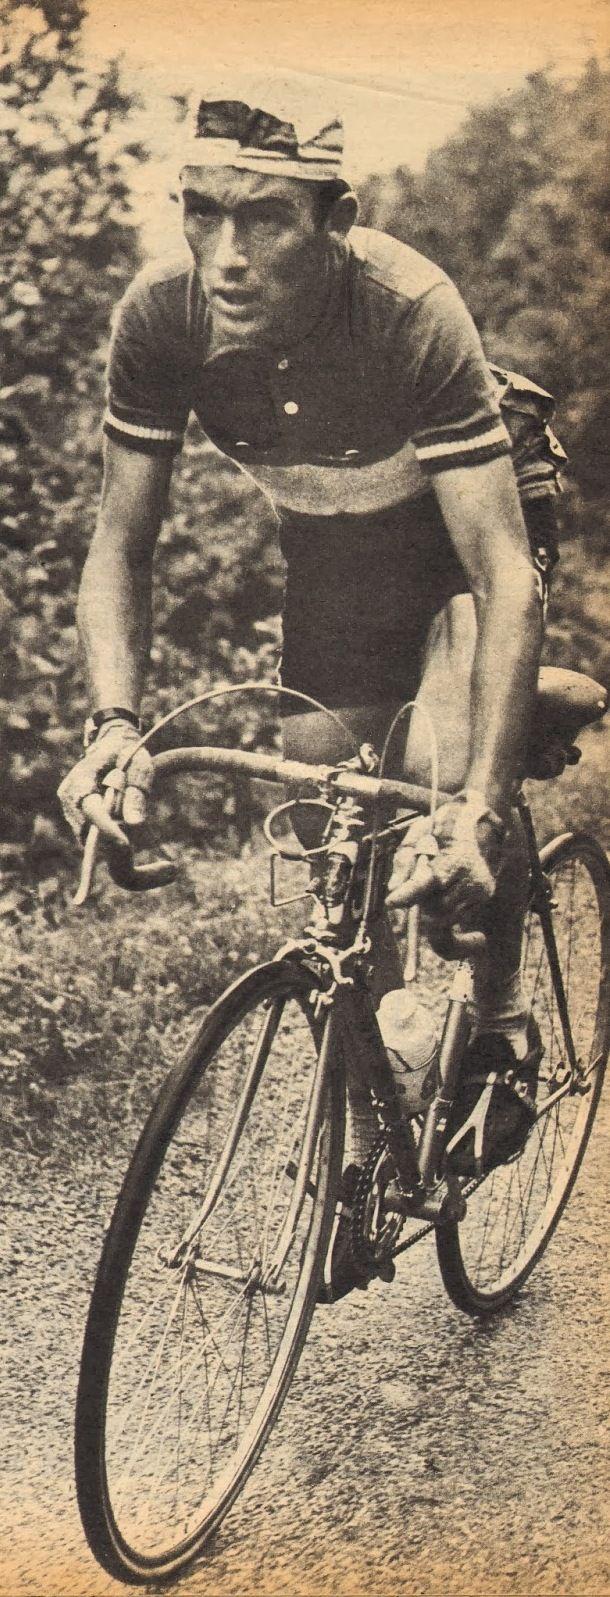 """Tour de France 1958. 21^Tappa, 16 luglio. Briançon > Aix-les-Bains. È il giorno di Charly Gaul (1932-2005). Sulle Alpi e sotto un diluvio universale, il lussemburghese rientra perentoriamente in classifica, sbaragliando letteralmente gli avversari: Vito Favero (1932-2014), la nuova maglia gialla, giungerà al traguardo dopo 10'09"""", Raphael Geminiani (1925) dopo 14'35"""". Jacques Anquetil (1934-1987), distrutto dalla polmonite, arriverà a 23'14"""" [But et CLUB]"""